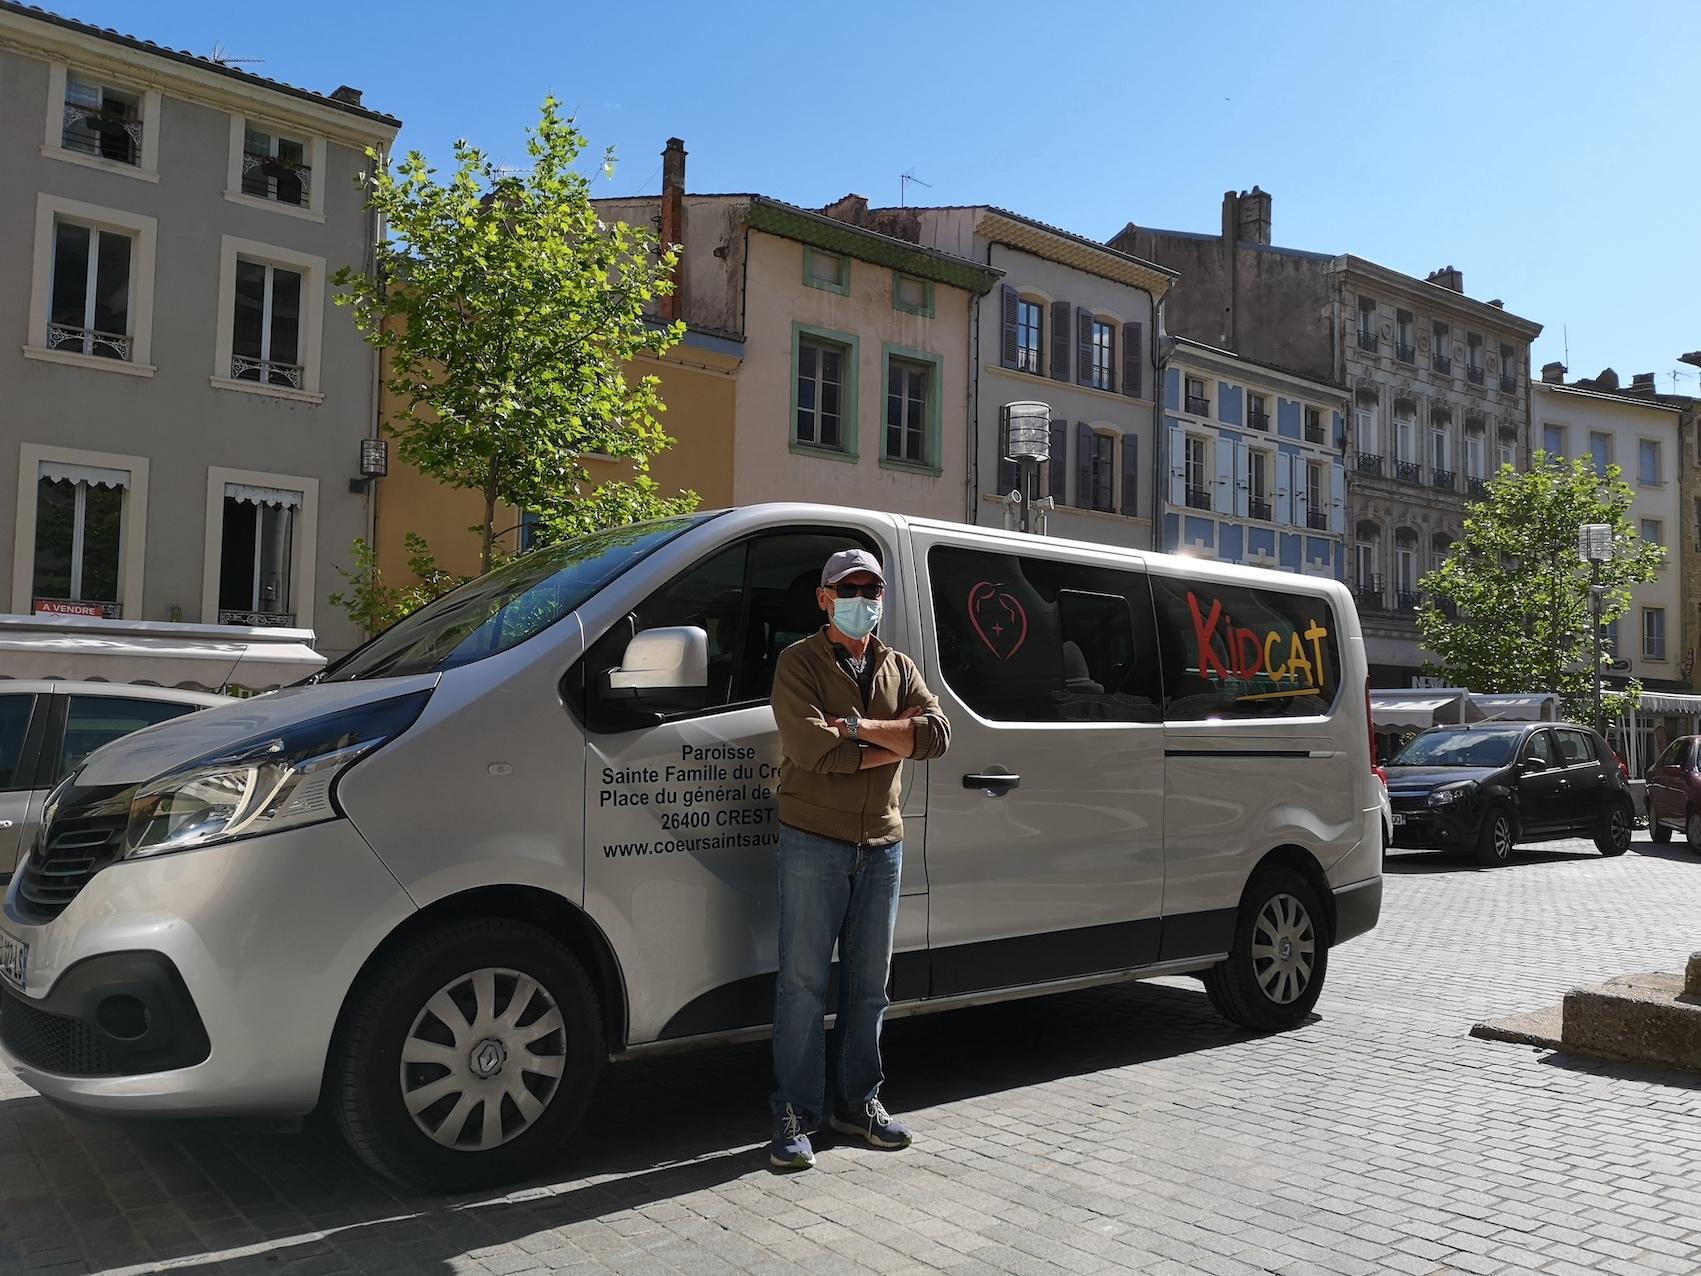 Le chauffeur et le minibus Kidcat